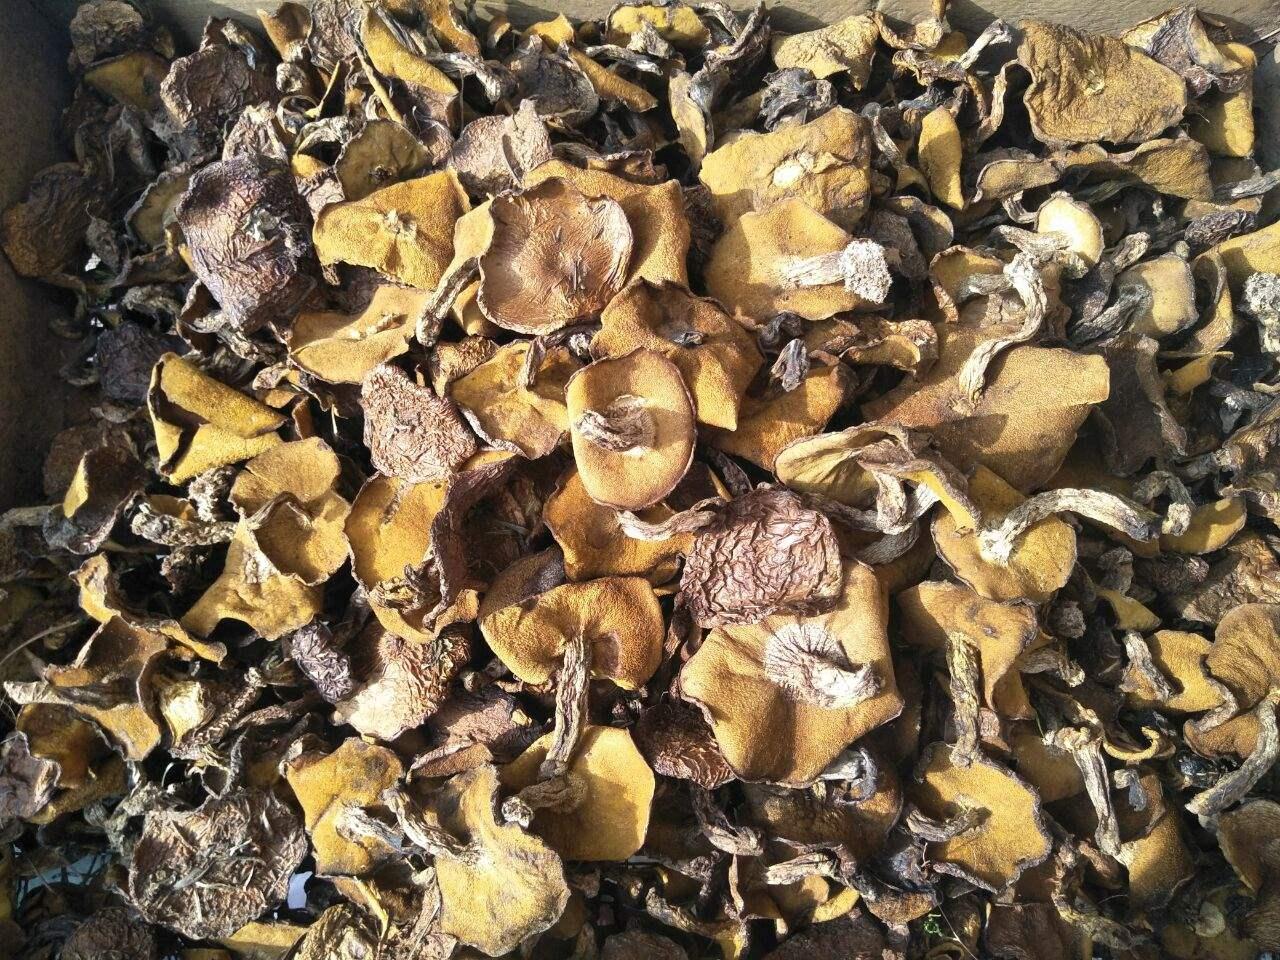 东北特产野生松蘑菇松菇粘蛾子松蛾粘团子烘干松蘑干货一斤包邮